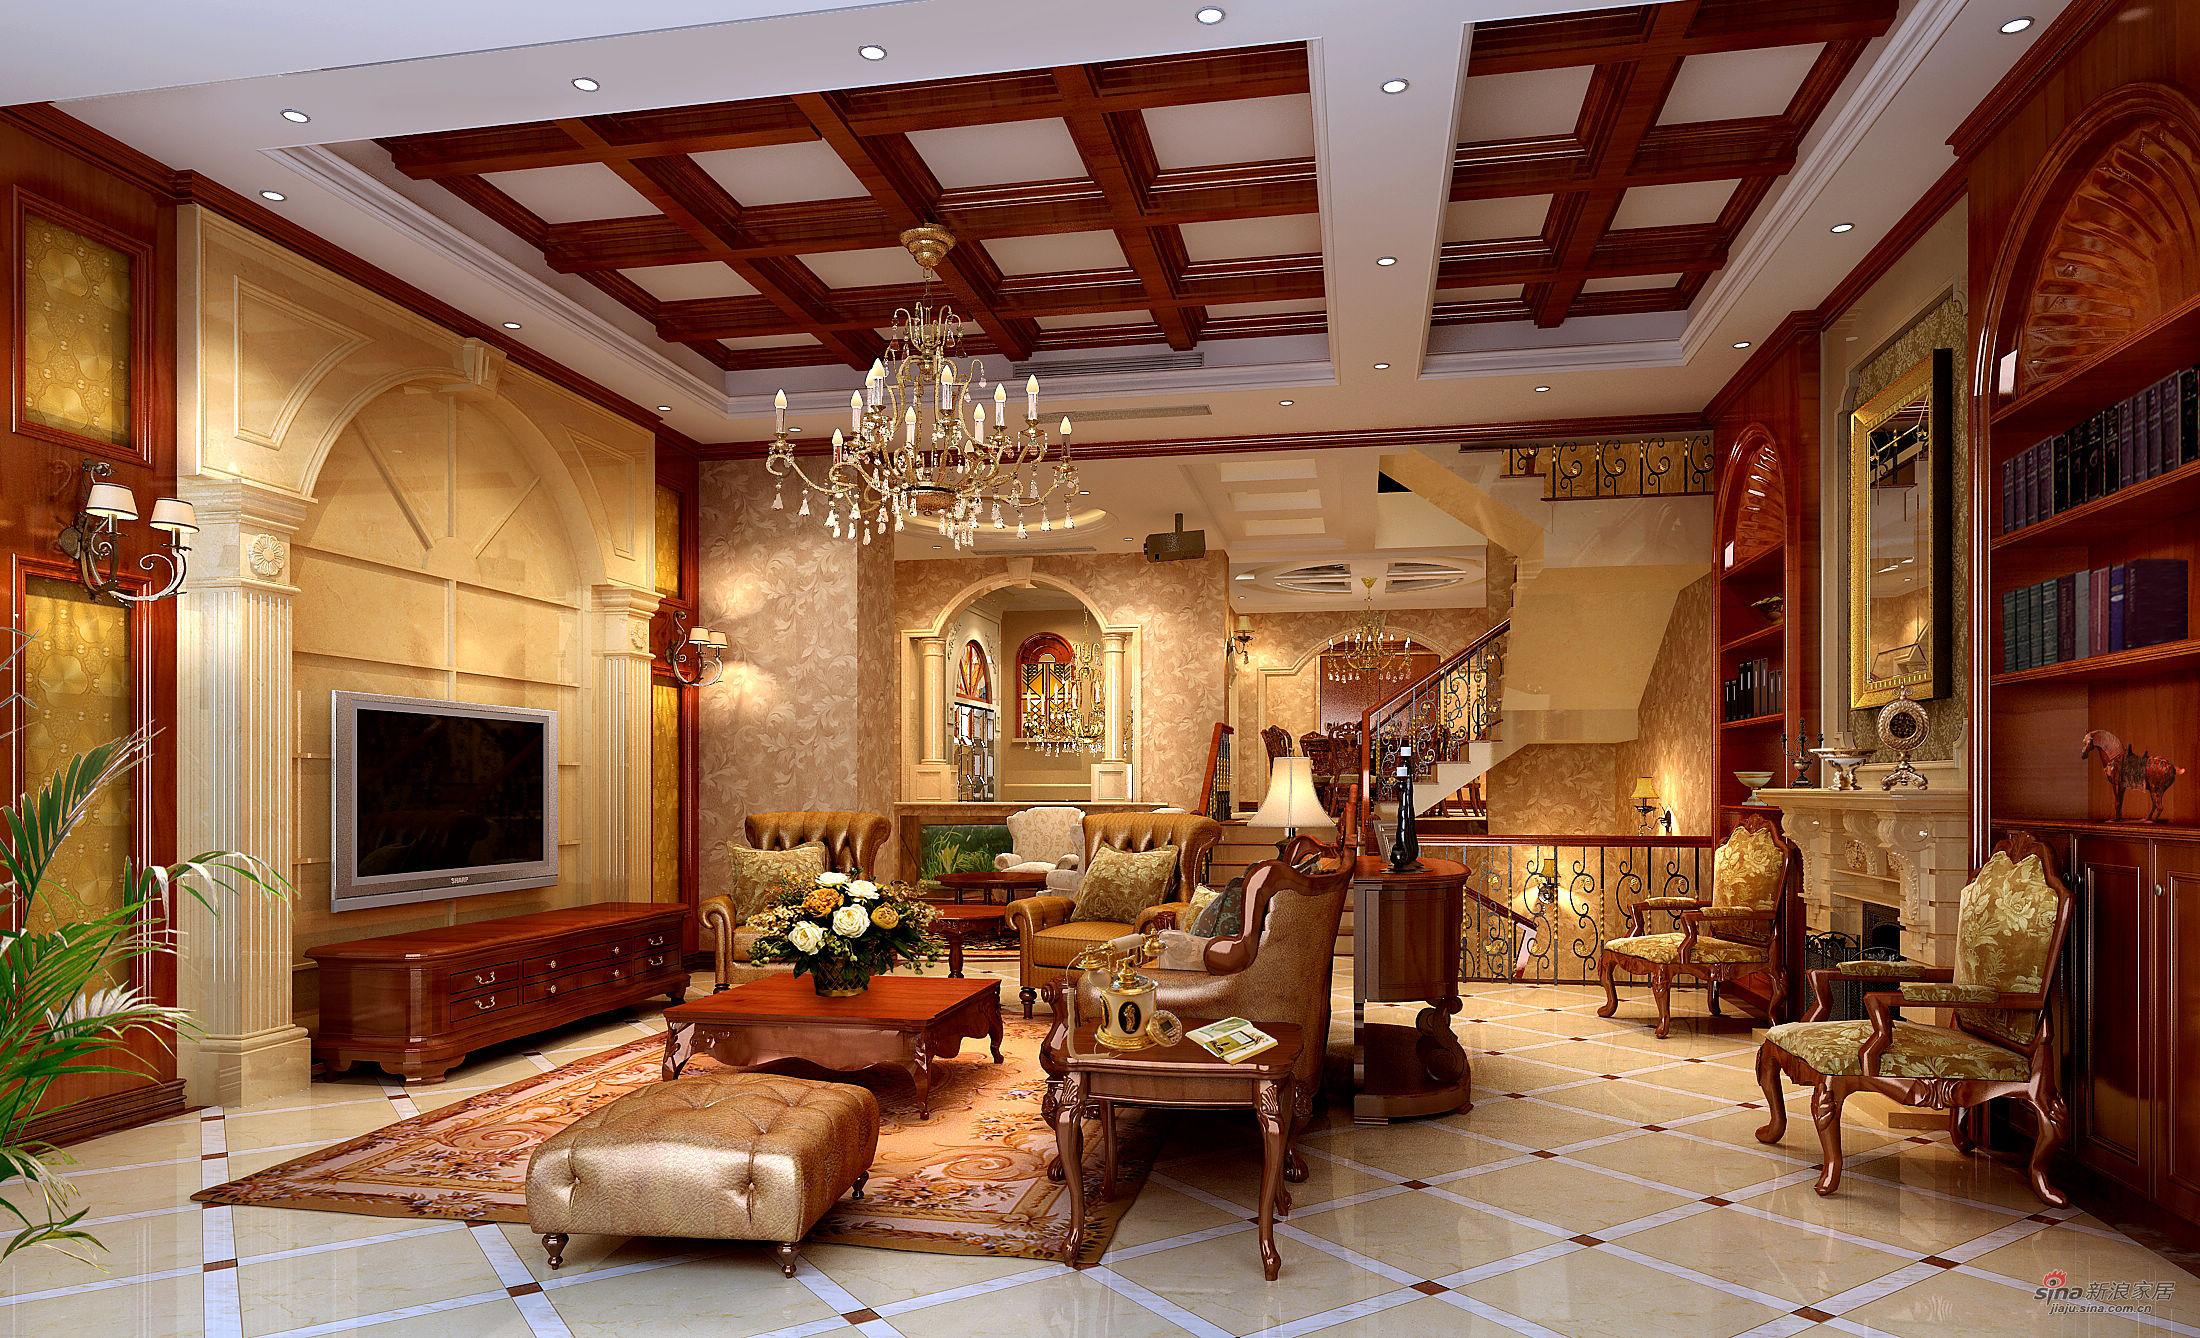 欧式风格500平米大别墅图片图片